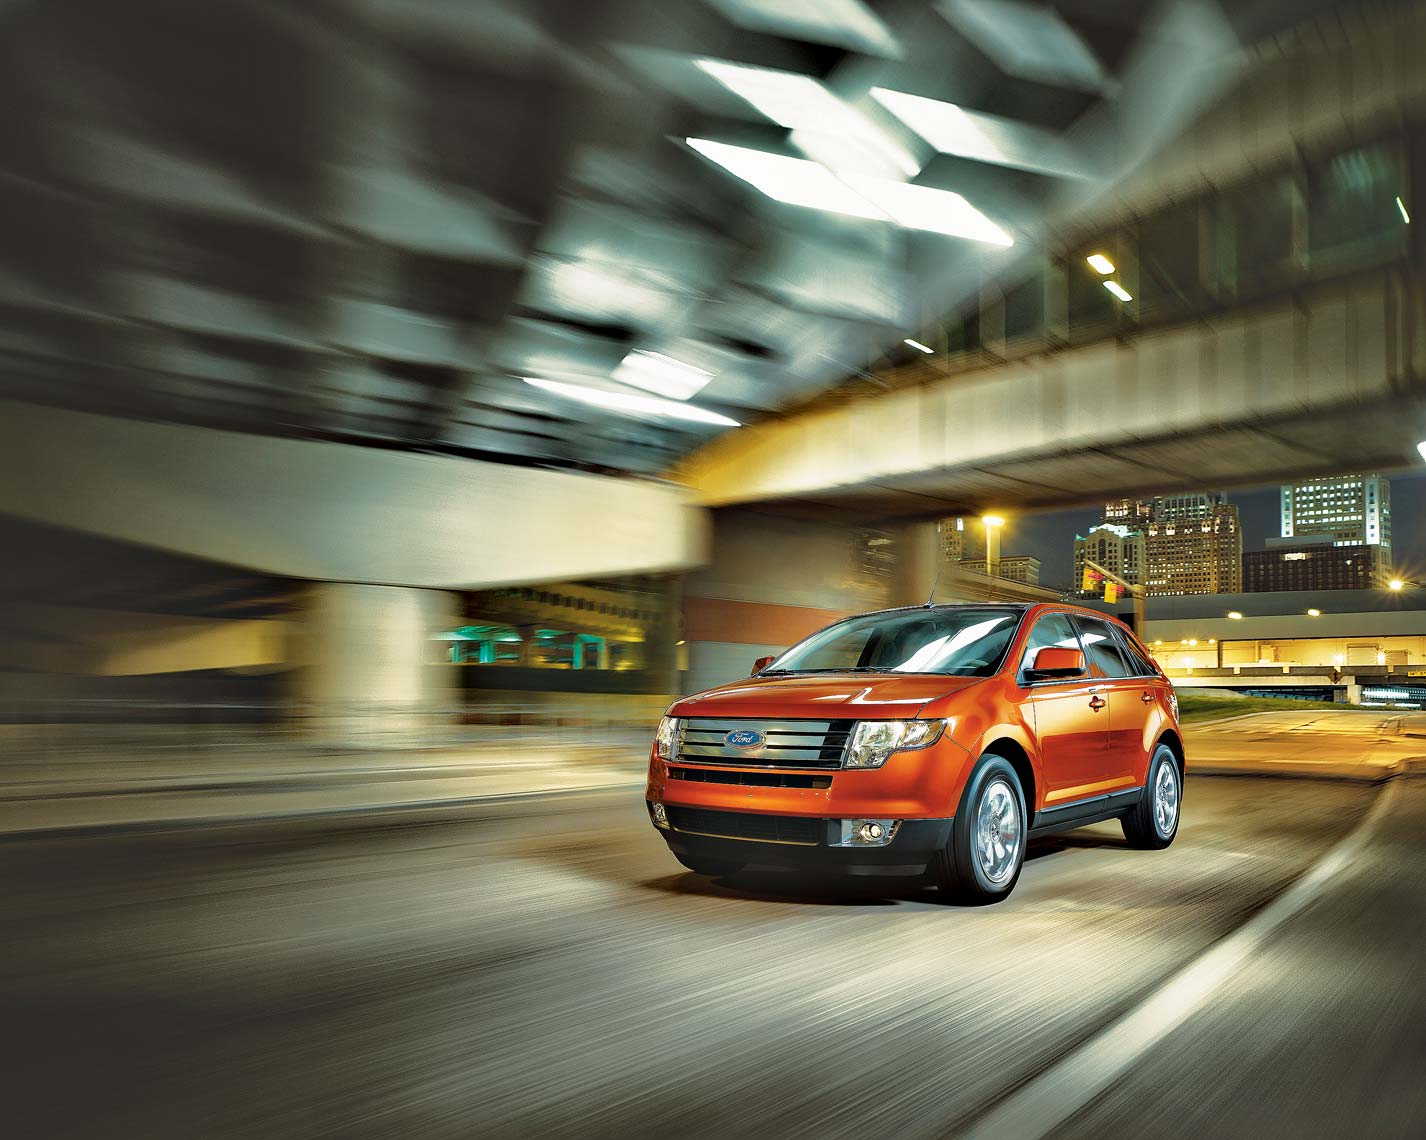 Ford_EDGE_v6.jpg